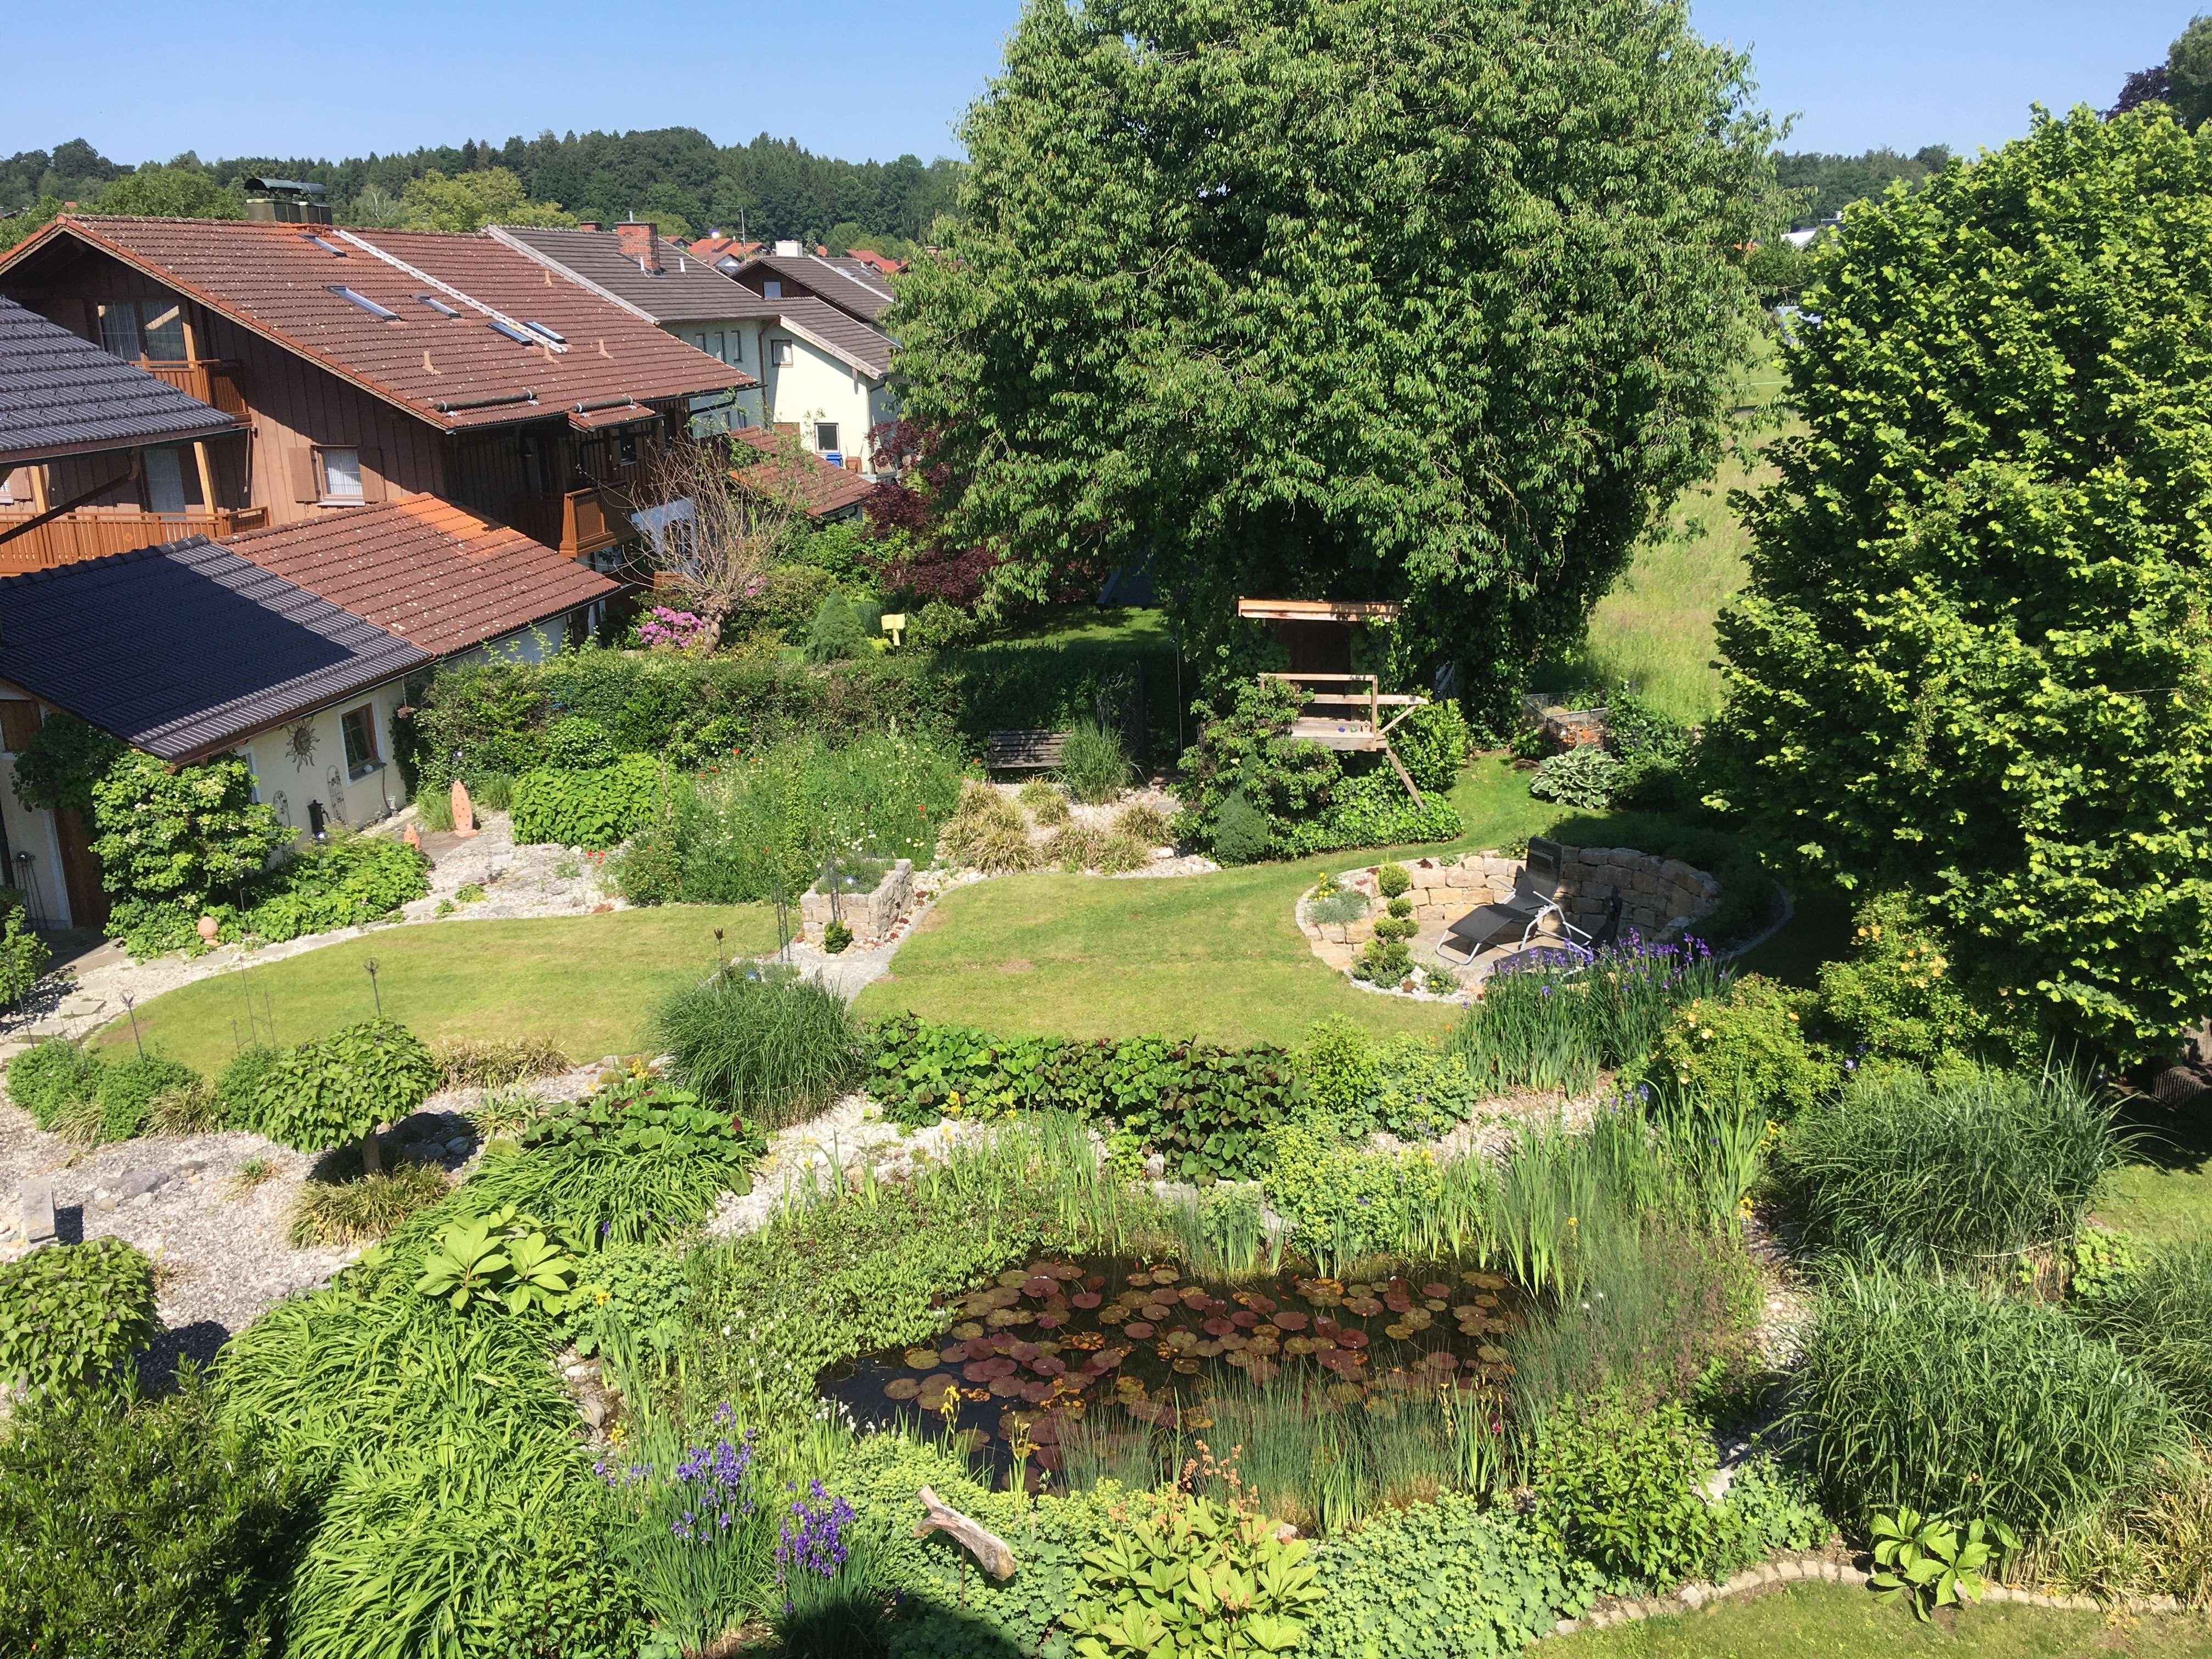 Neuwertige 3-Zimmer-Dachgeschosswohnung mit Balkon und Einbauküche in Saaldorf-Surheim in